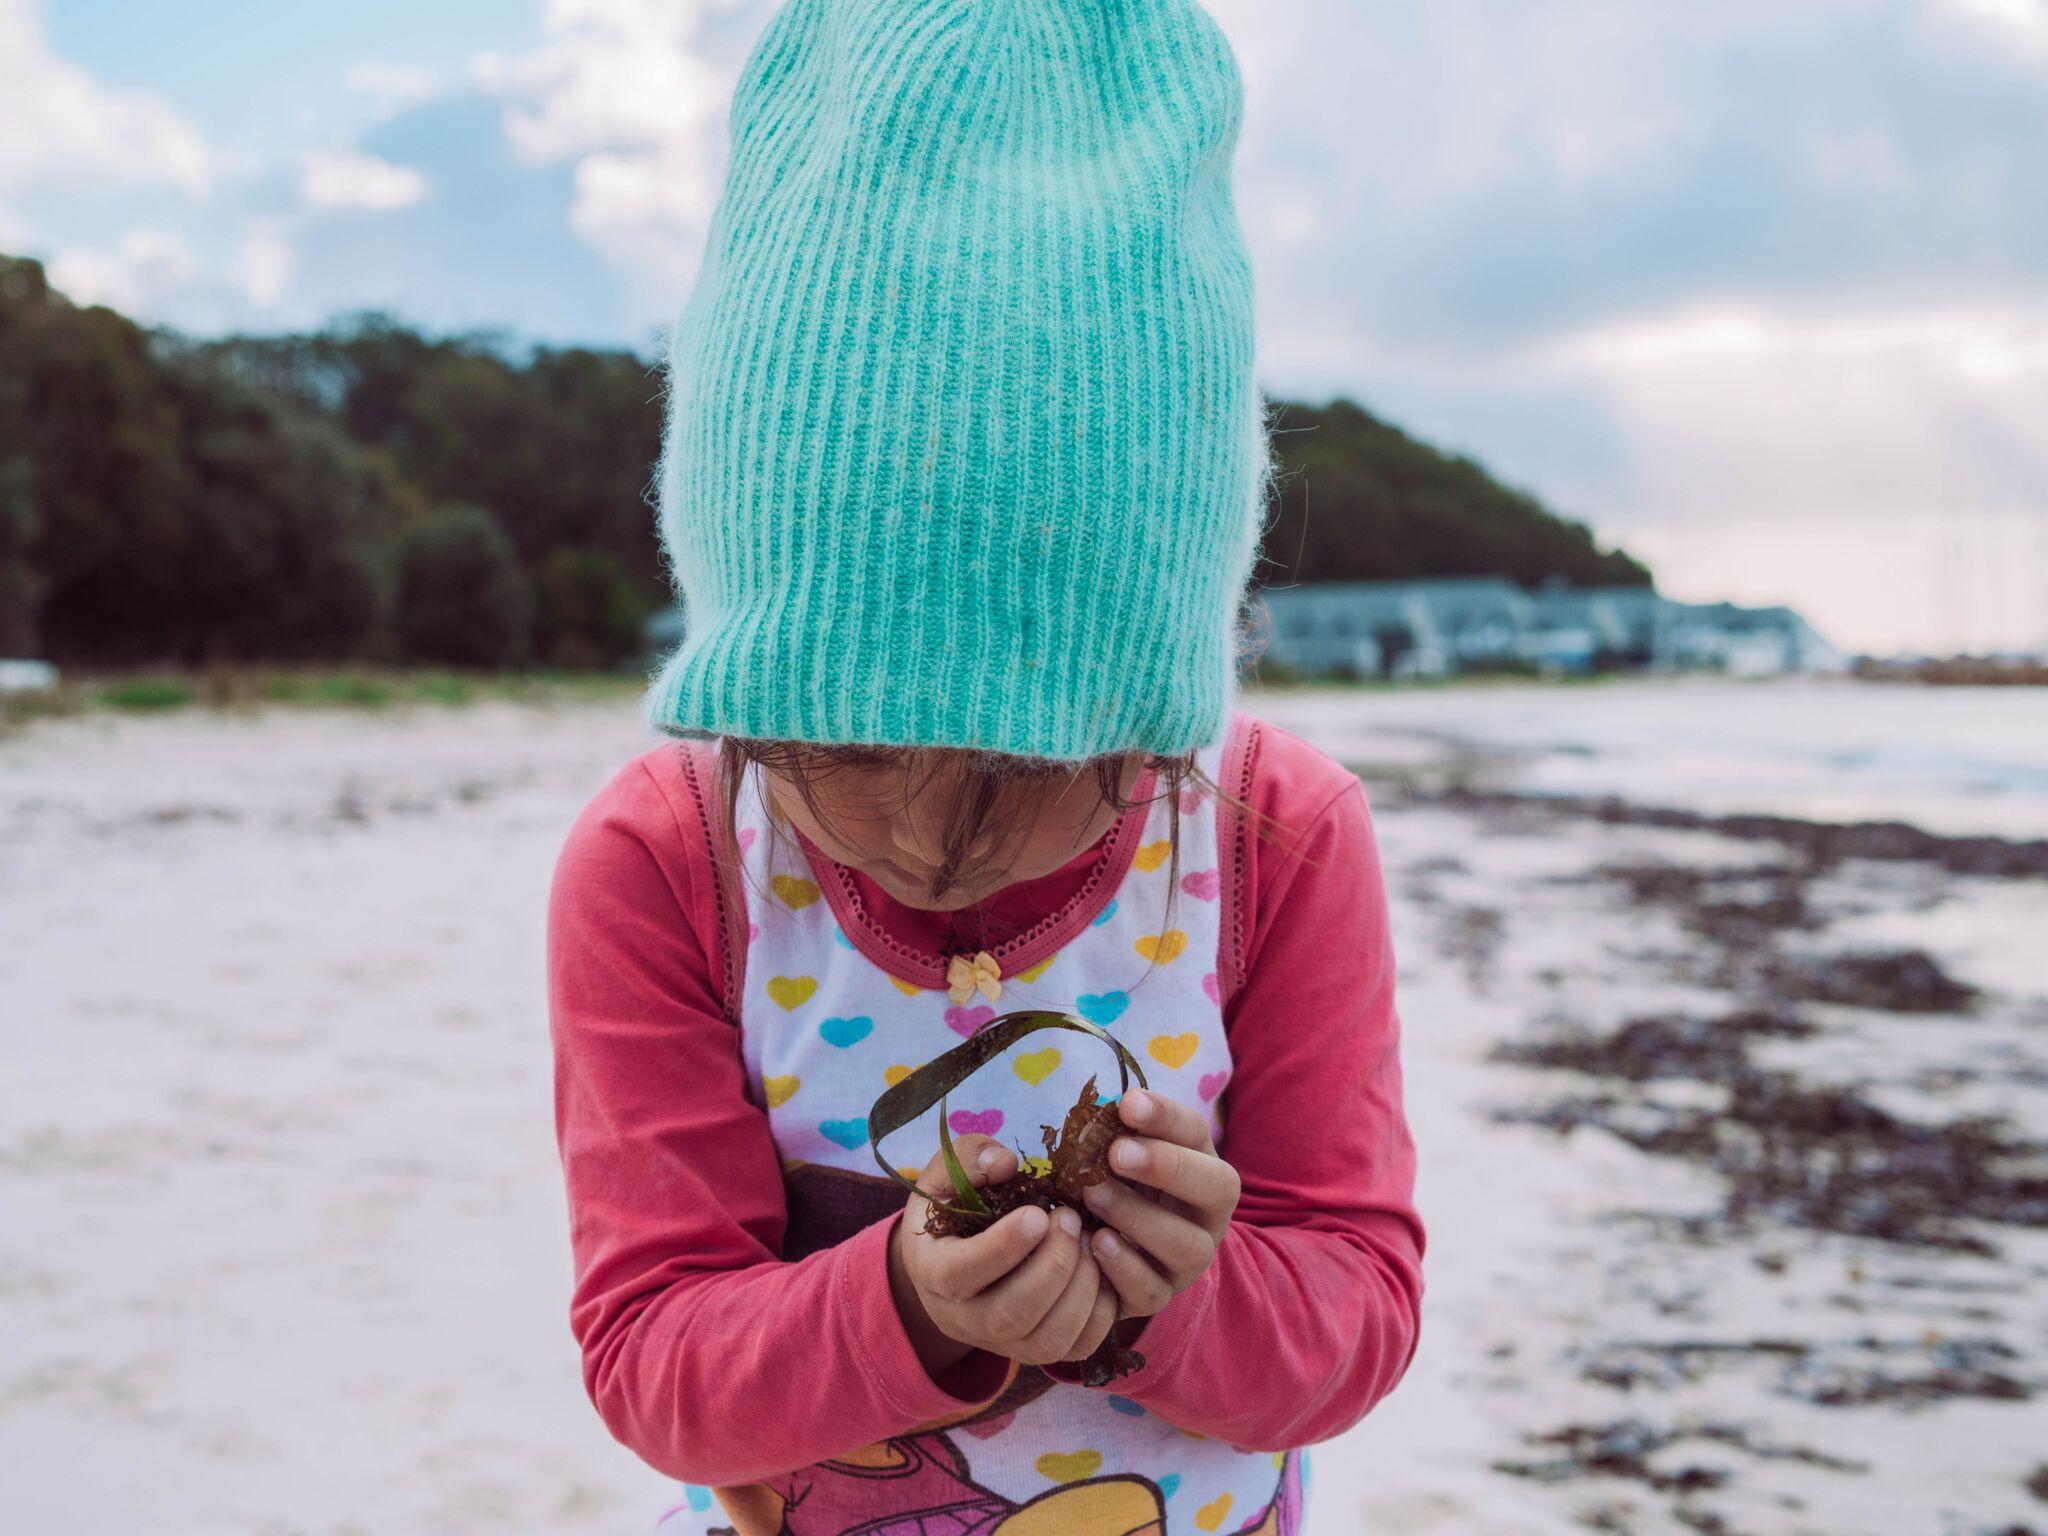 Photos:  Harriet Spark, Grumpy Turtle